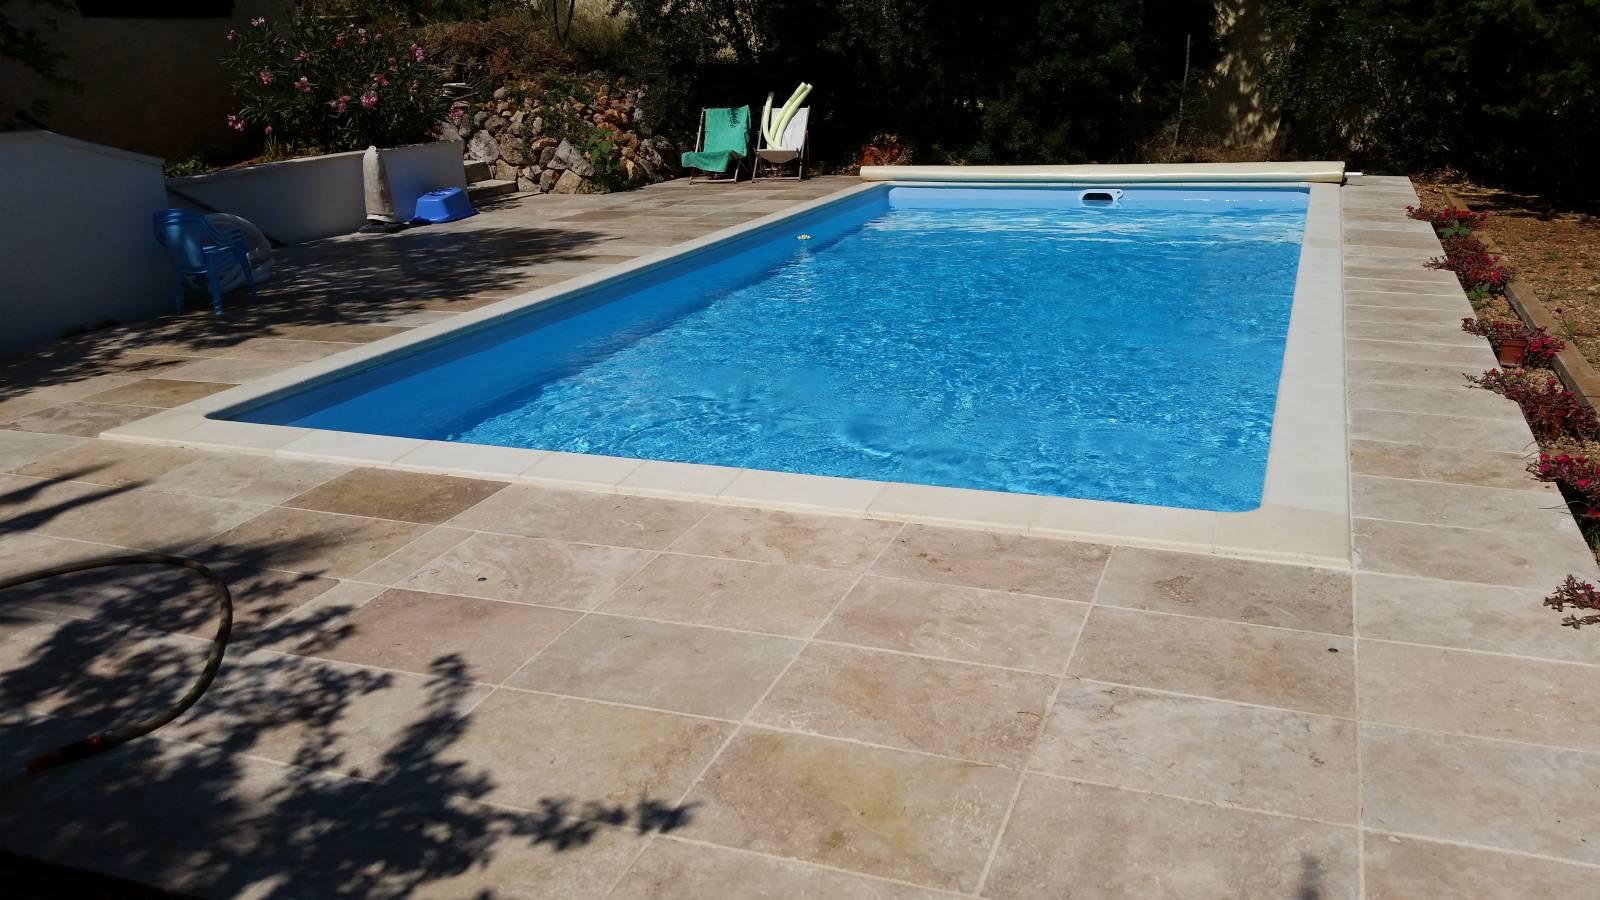 Piscine 8x4m sur toulon r alis par desjoyaux six fours for Accessoire piscine desjoyaux